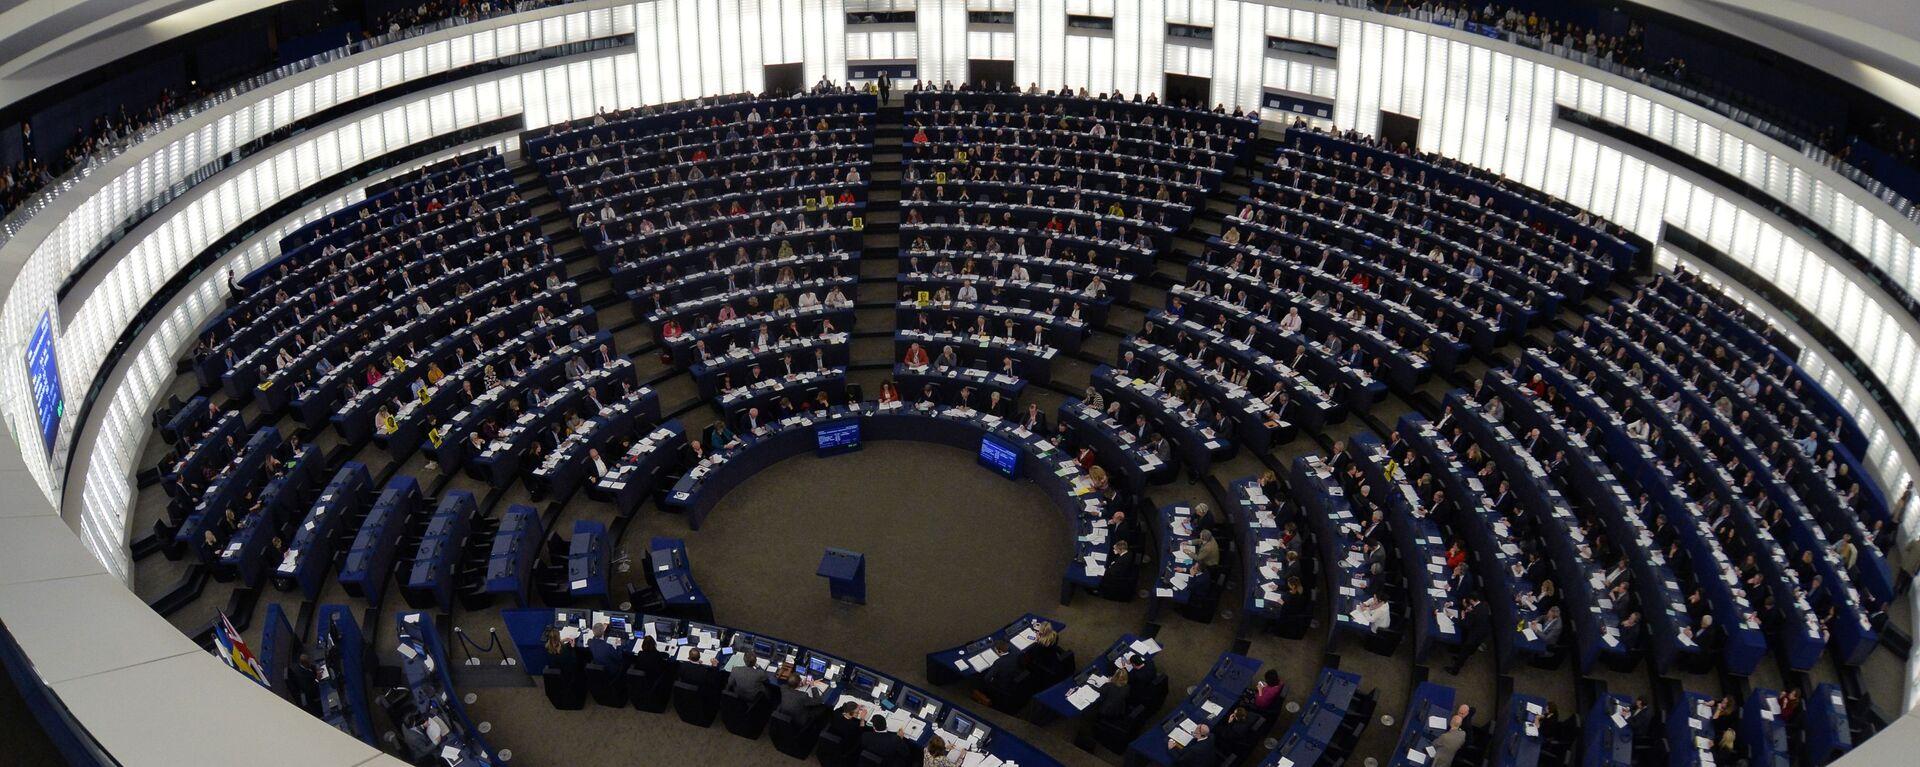 Заседање Европског парламента у Стразбуру - Sputnik Србија, 1920, 10.06.2021